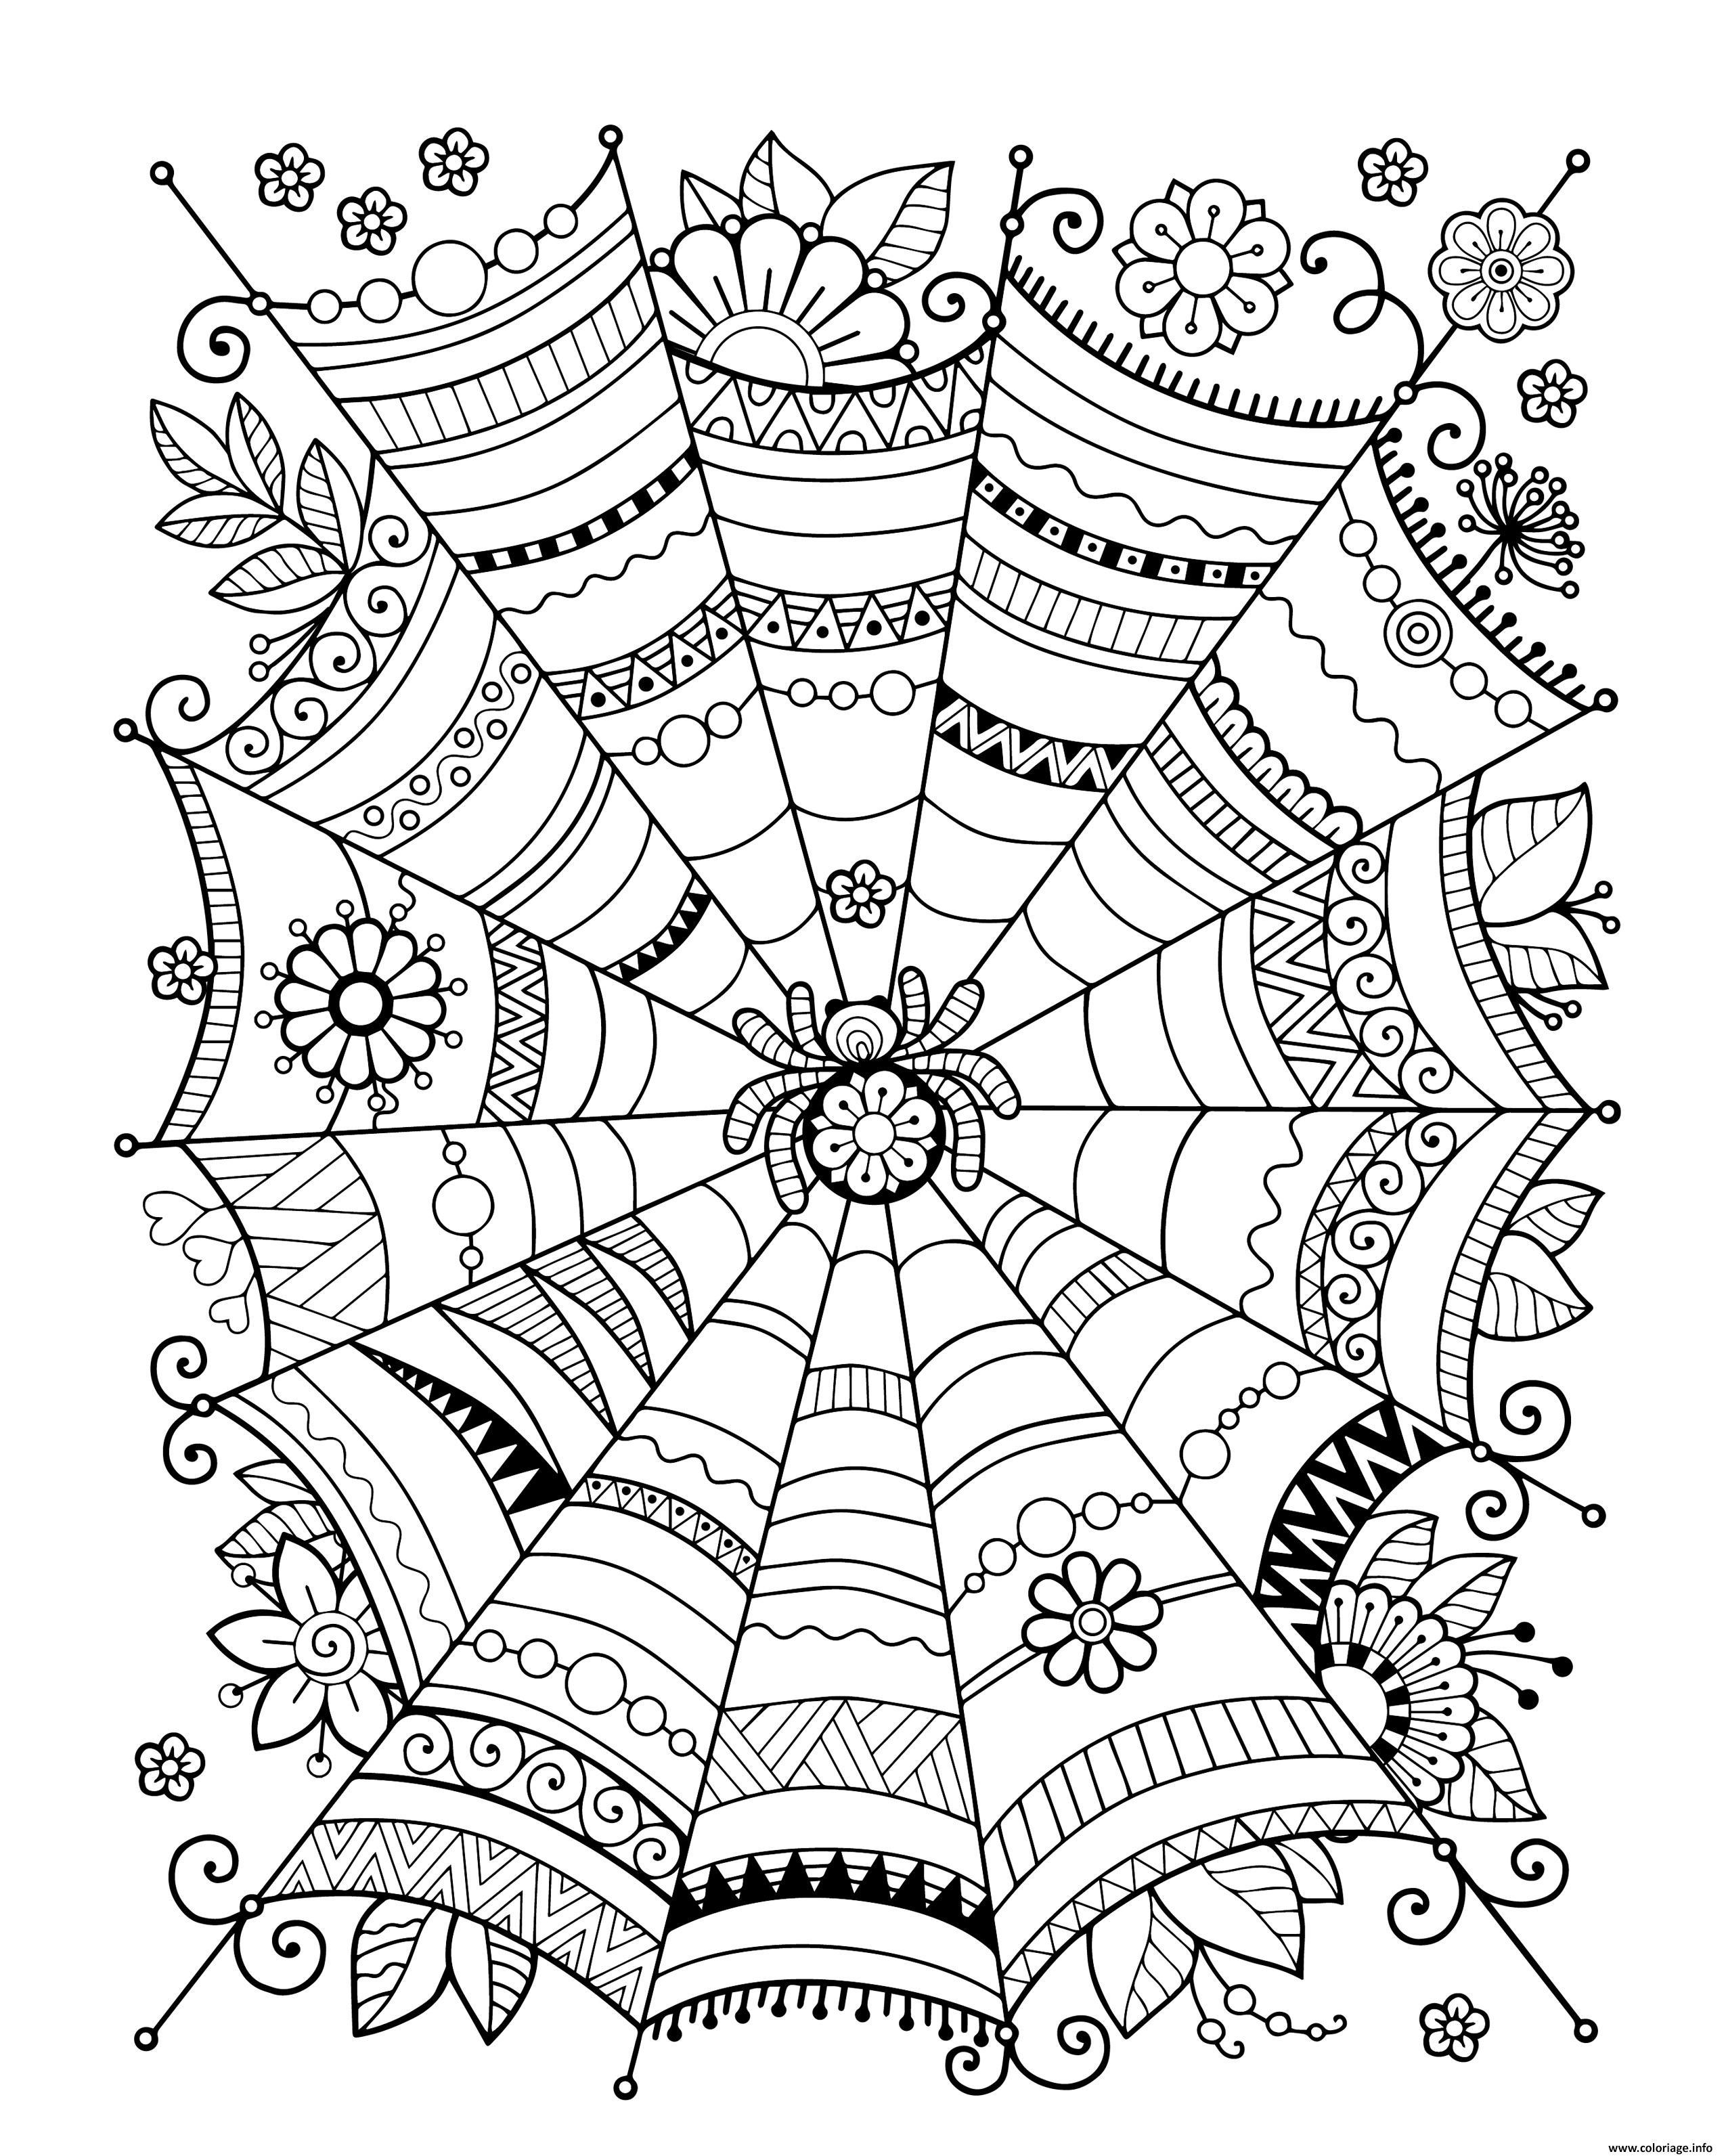 Dessin zentangle araignee adulte halloween Coloriage Gratuit à Imprimer